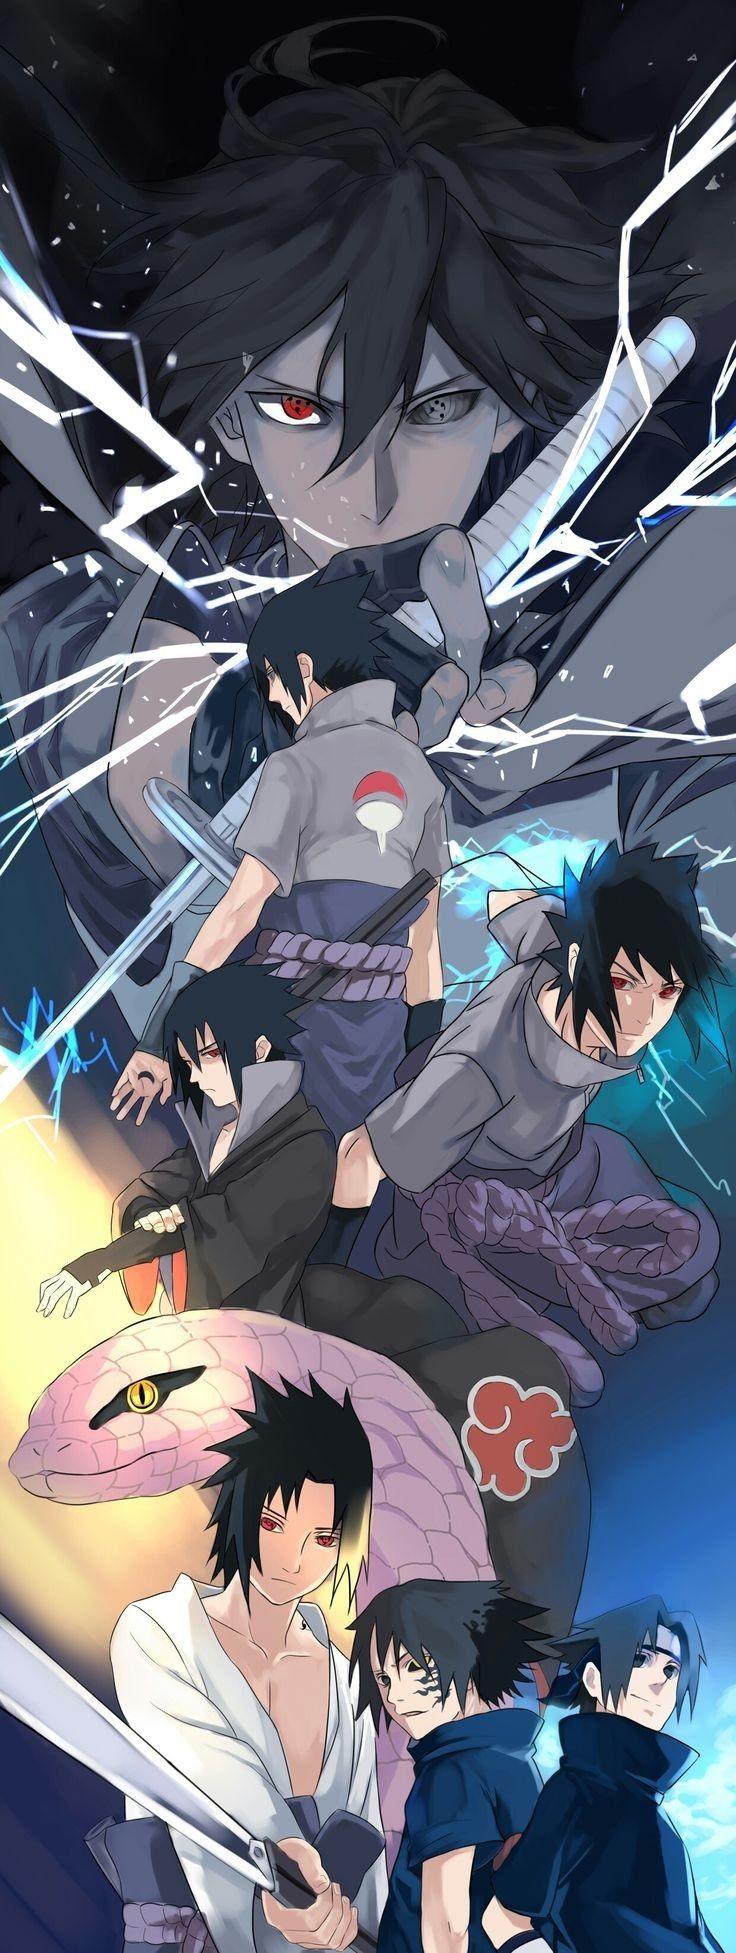 Sasuke, The Strongest Uchiha member, rival of Naruto ...